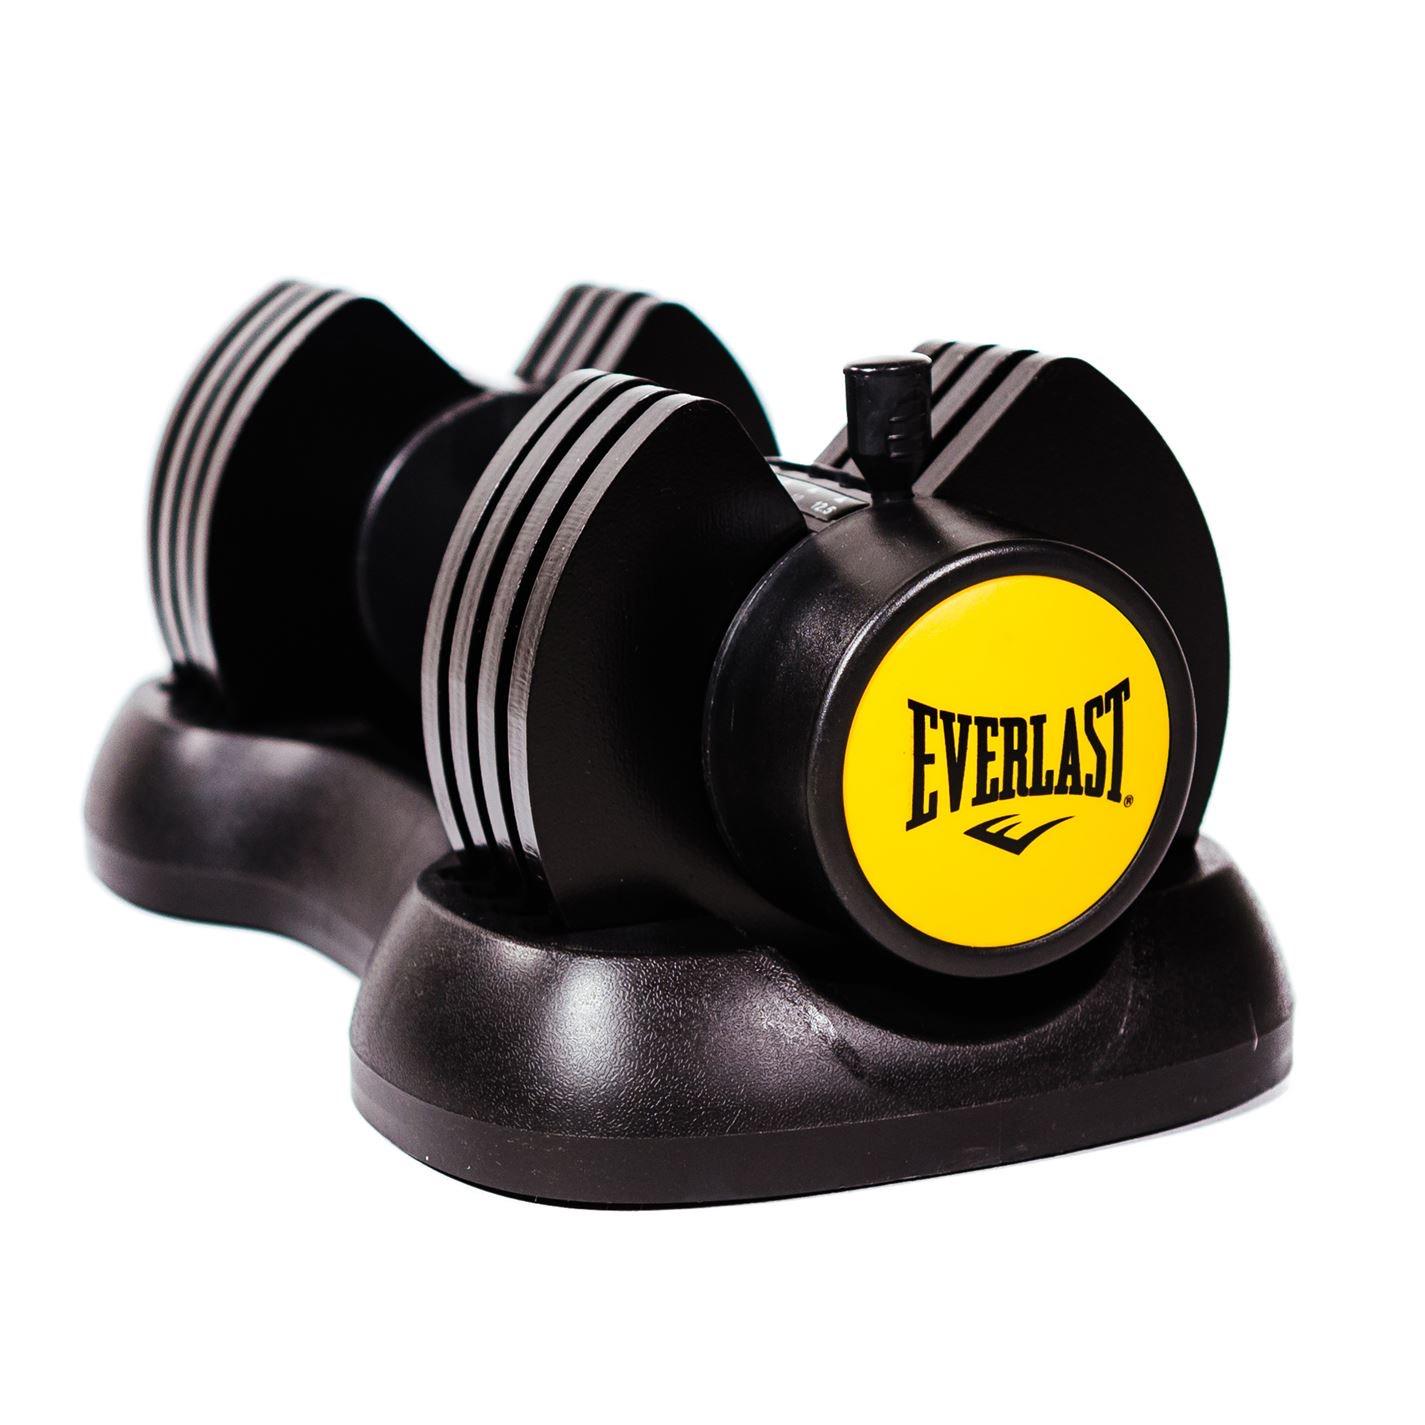 EVERLAST 12.5kg Adjustable Dumbbell £39.99 + £4.99 delivery at Sports Direct